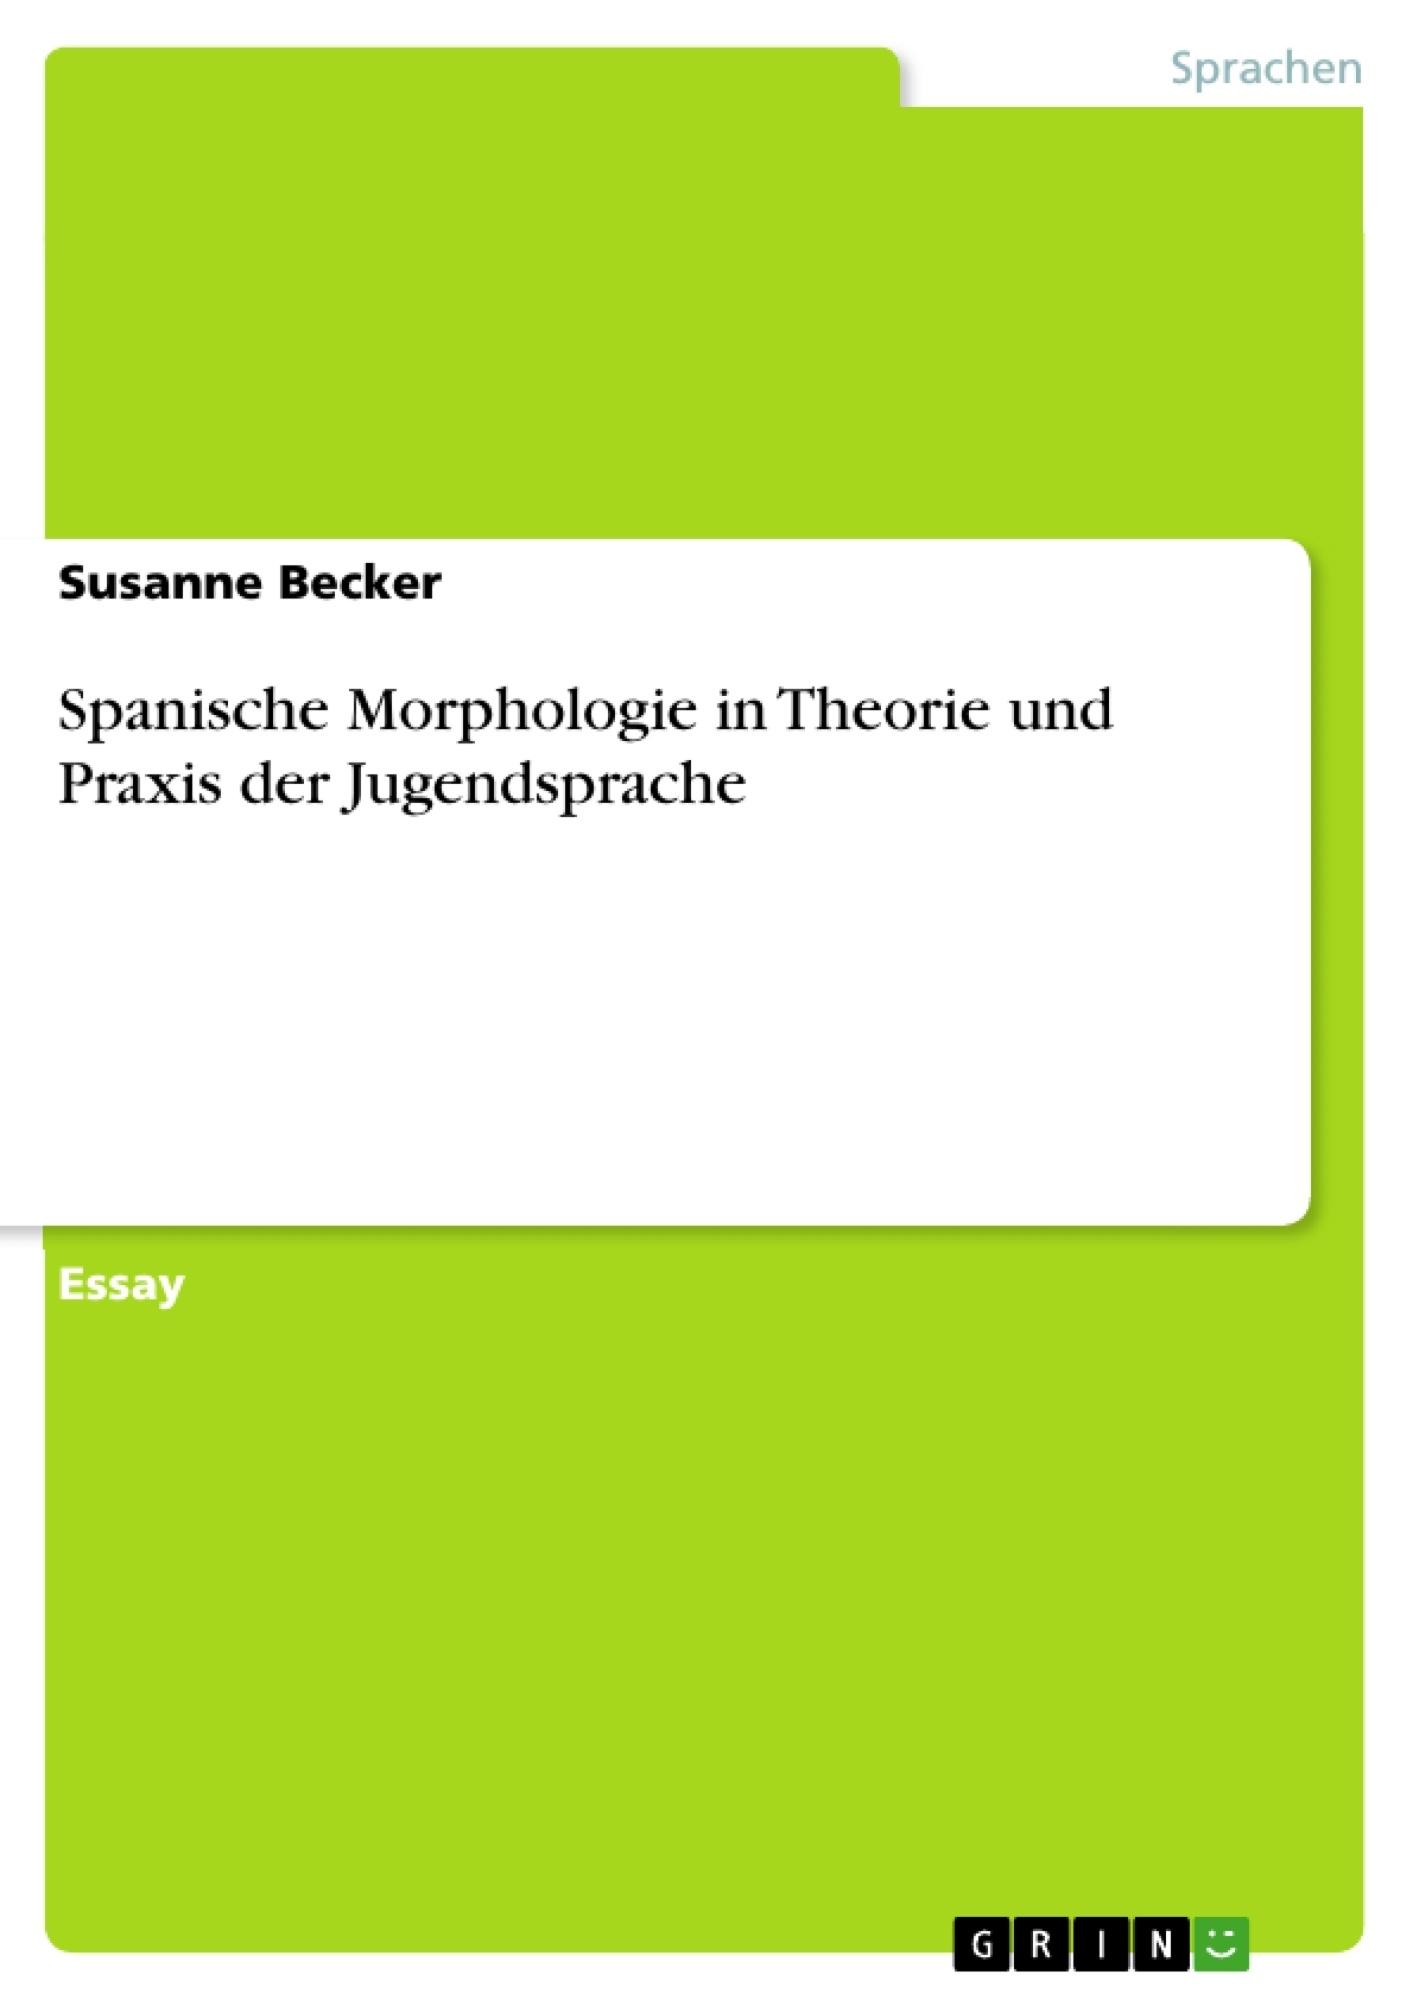 Titel: Spanische Morphologie in Theorie und Praxis der Jugendsprache